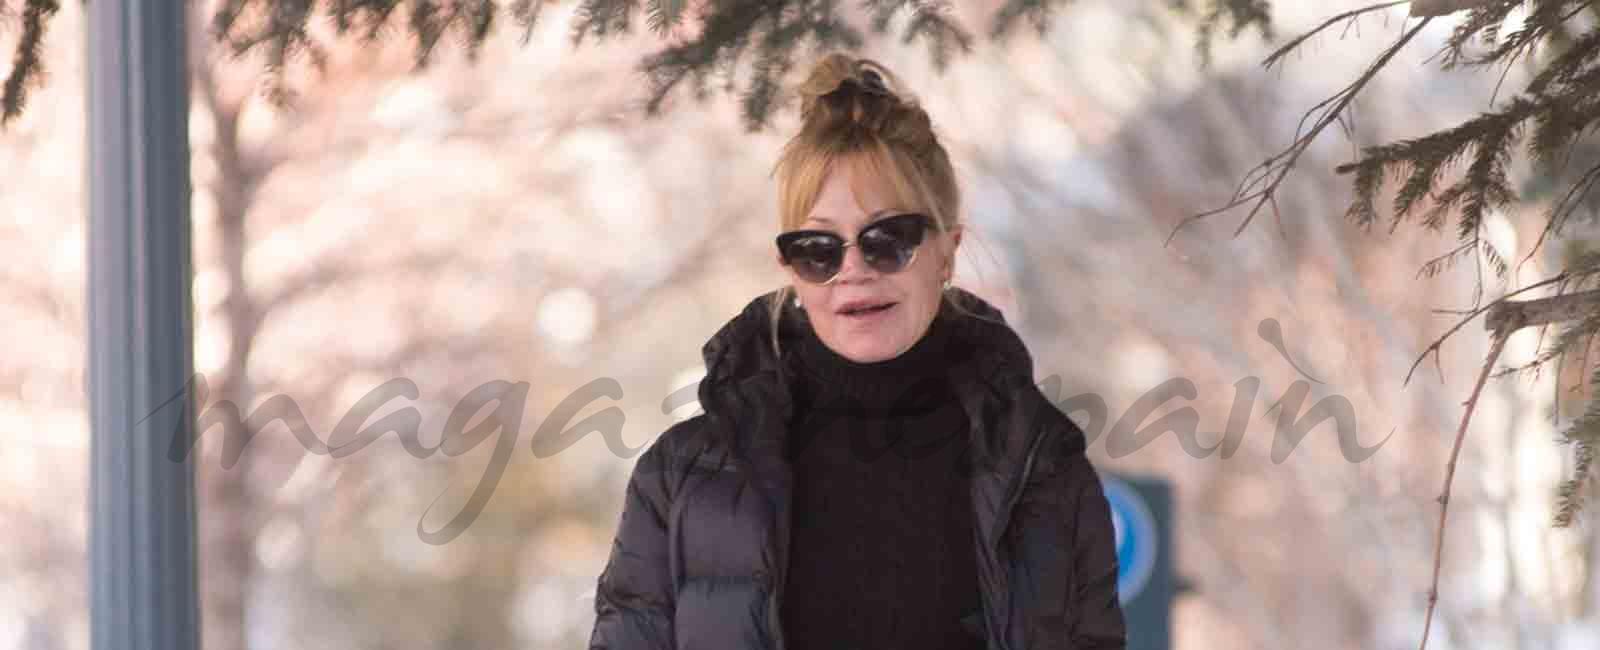 Melanie Griffith vacaciones en solitario en Aspen